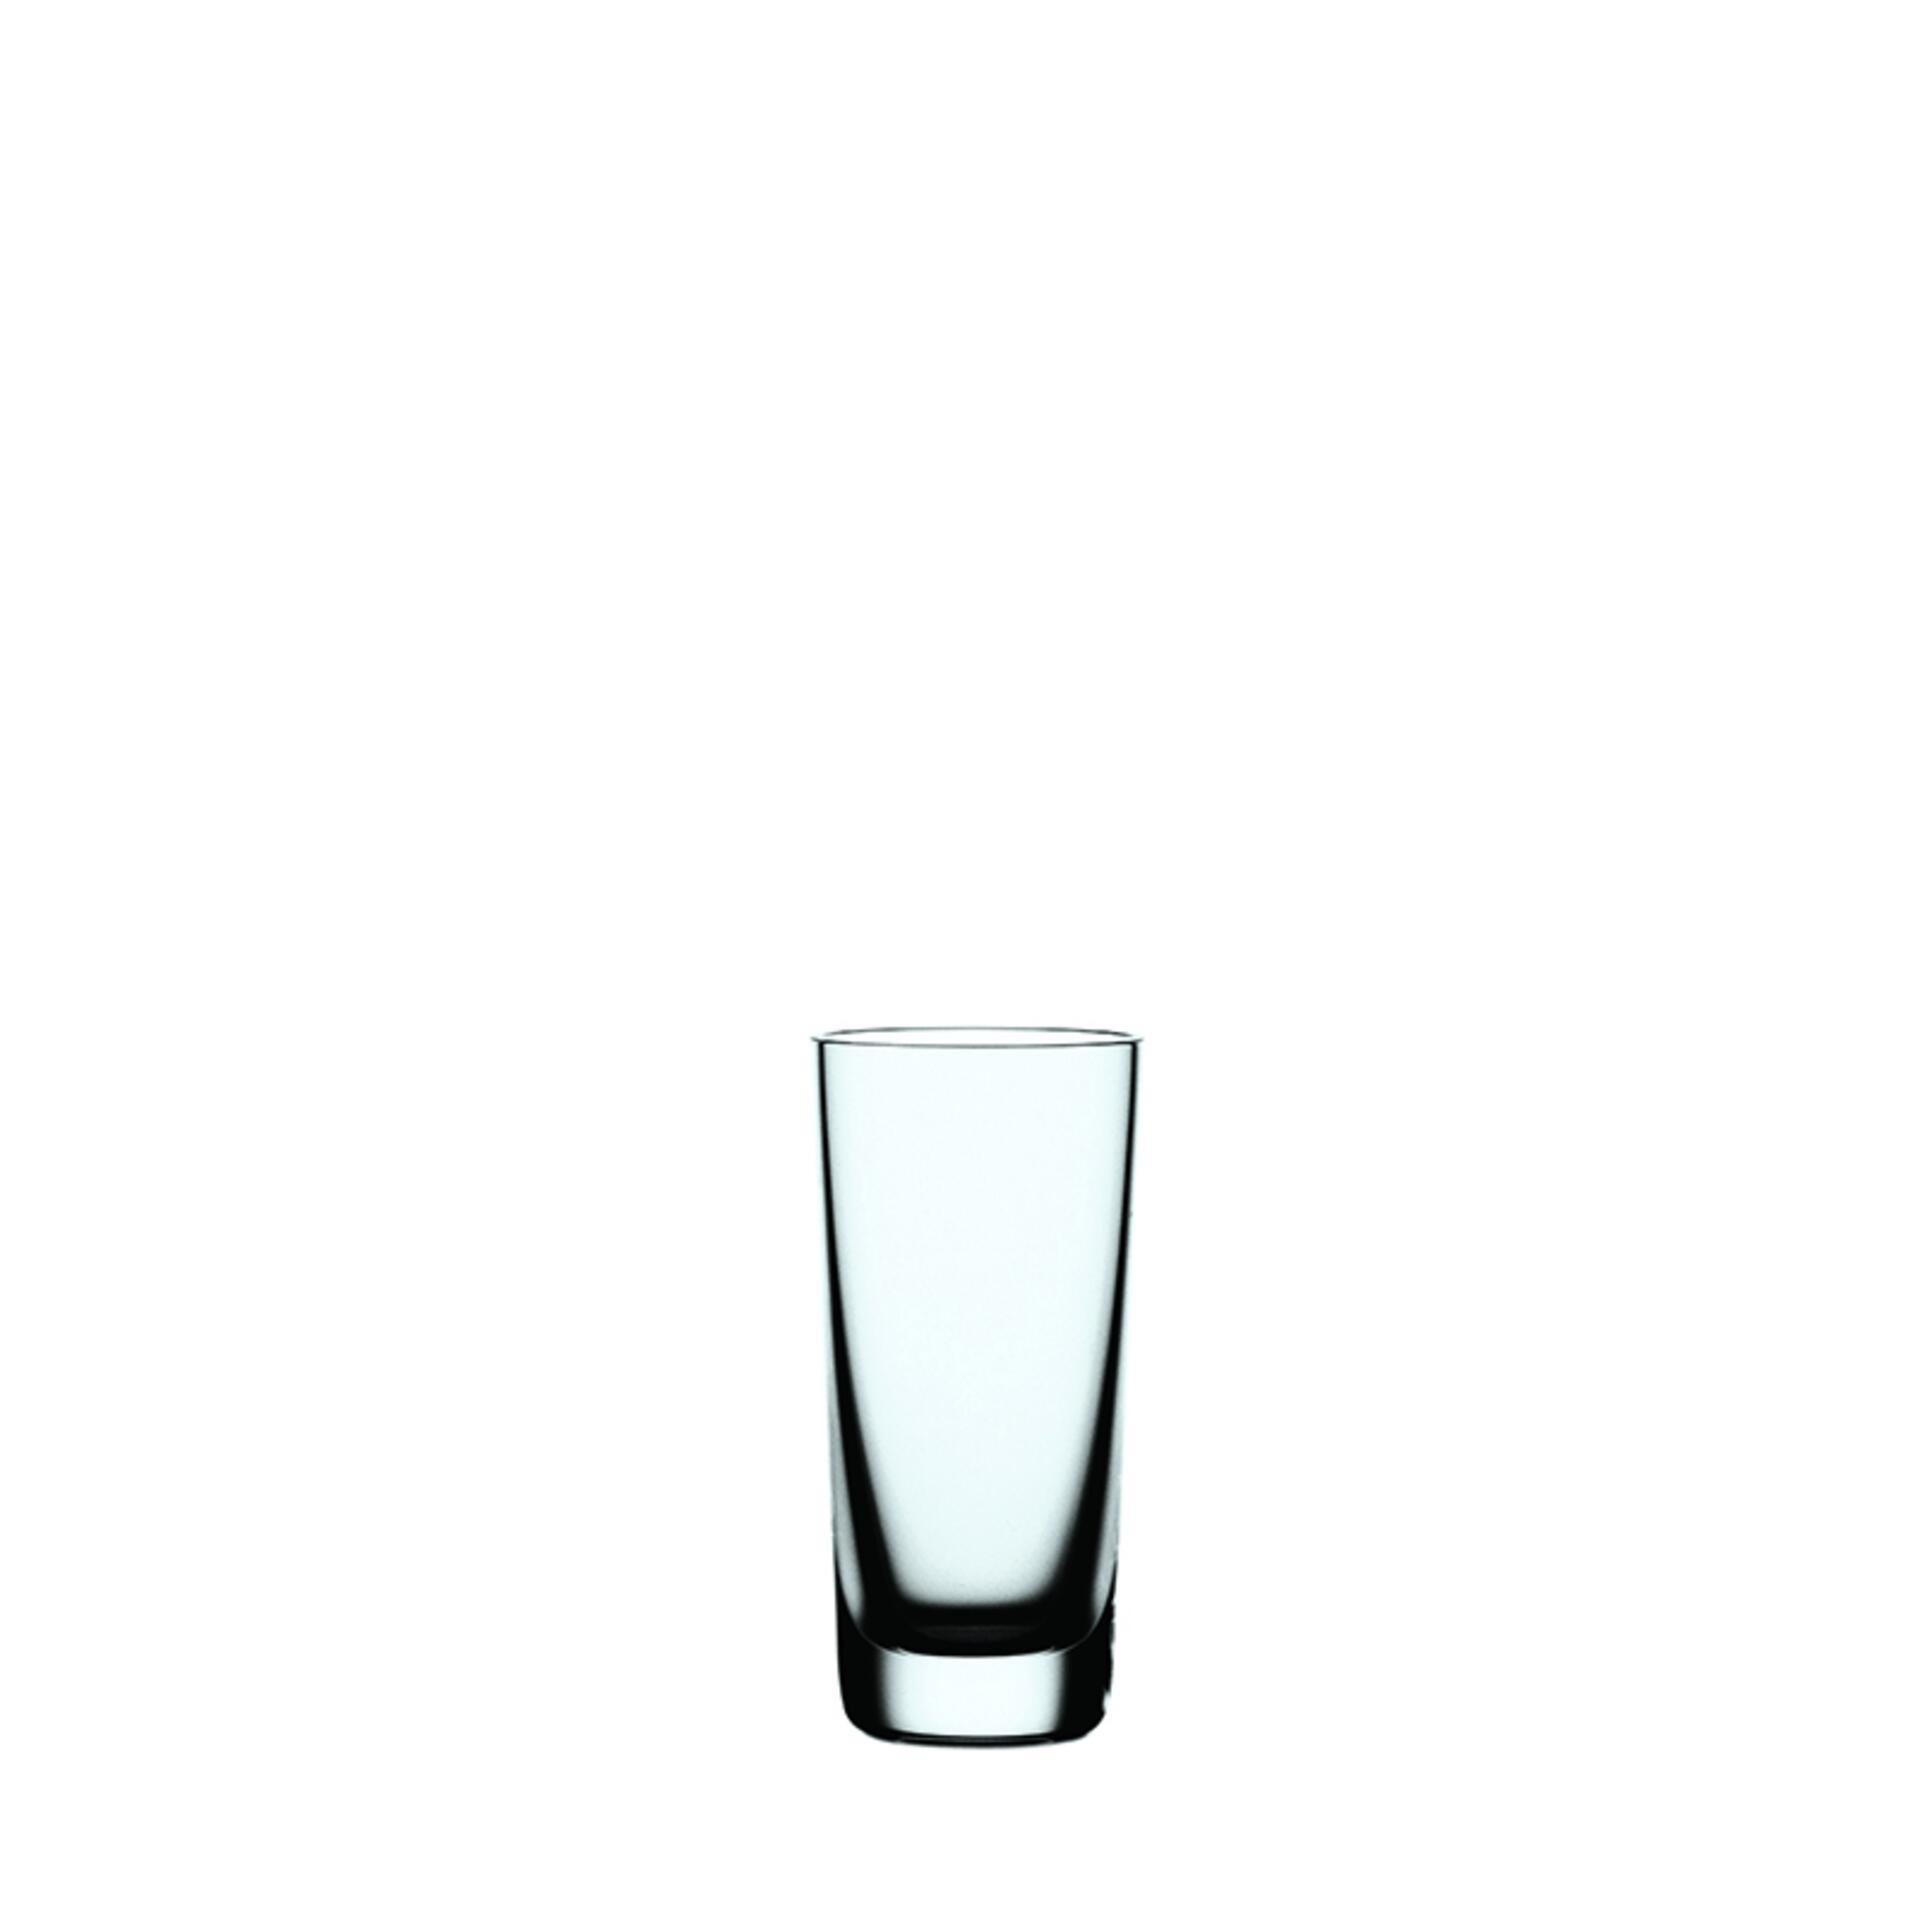 Nachtmann Vivendi Stamper Schnapsglas 4er Set